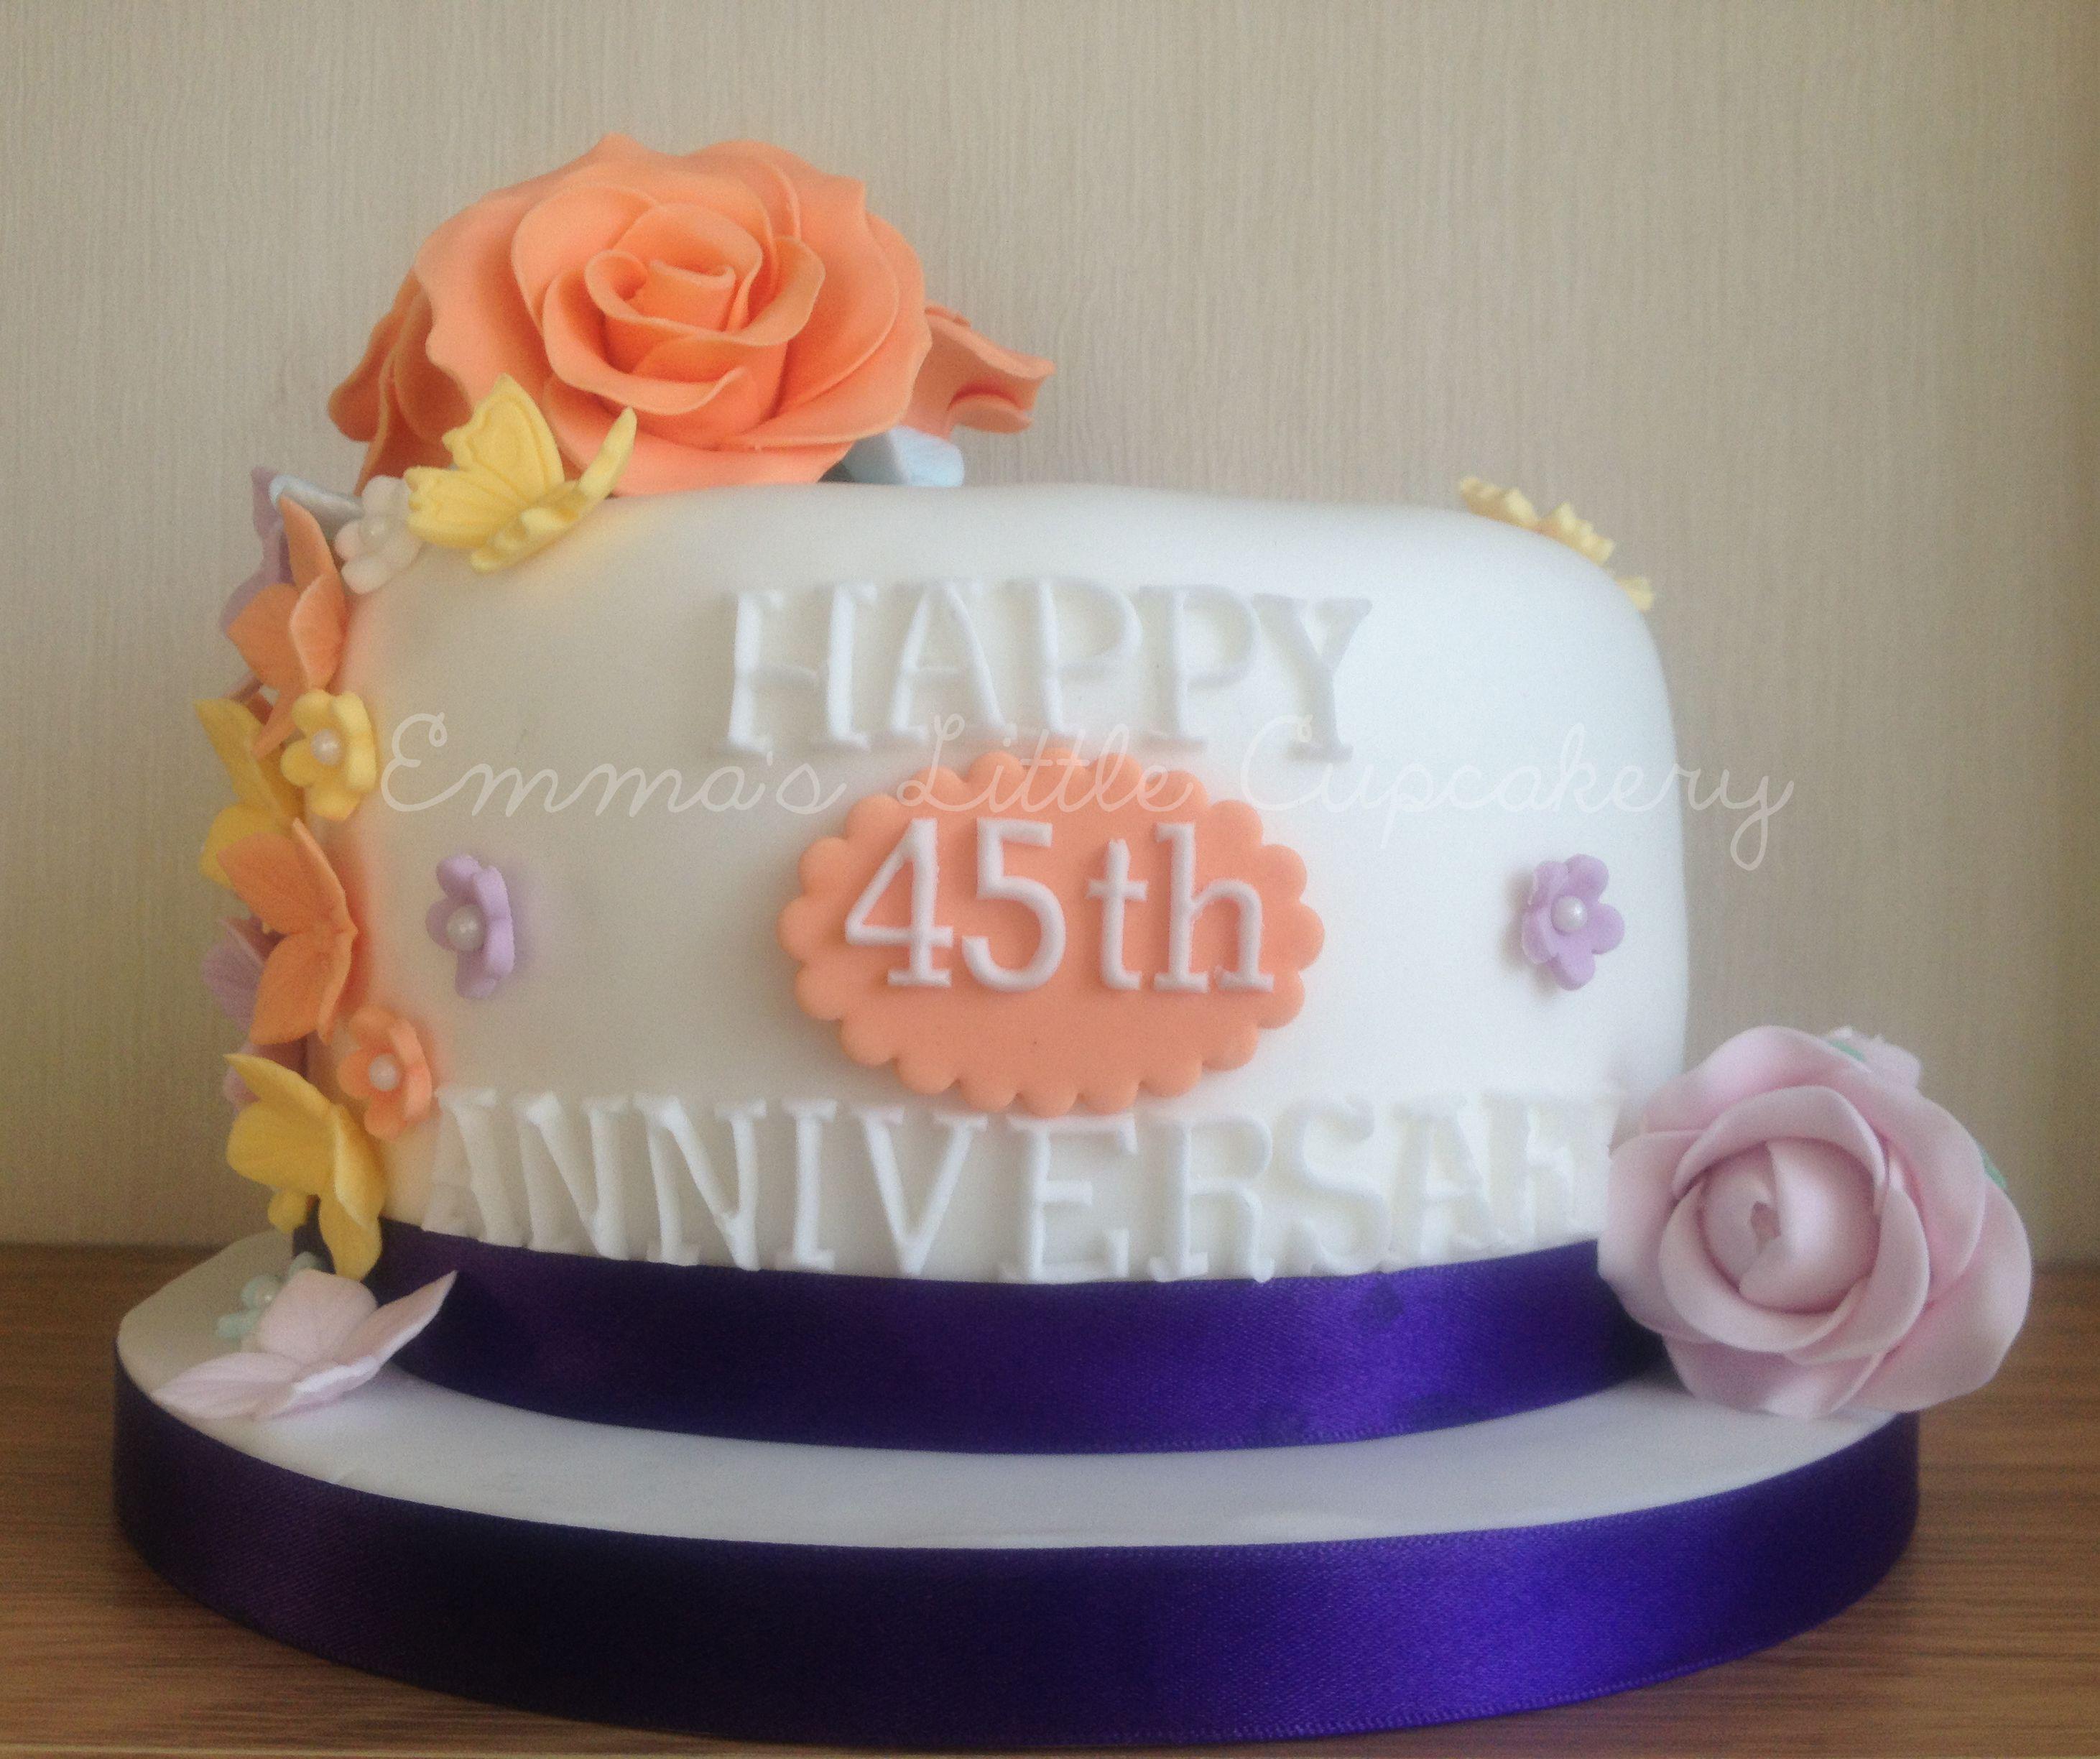 45th Sapphire Wedding Anniversary Cake